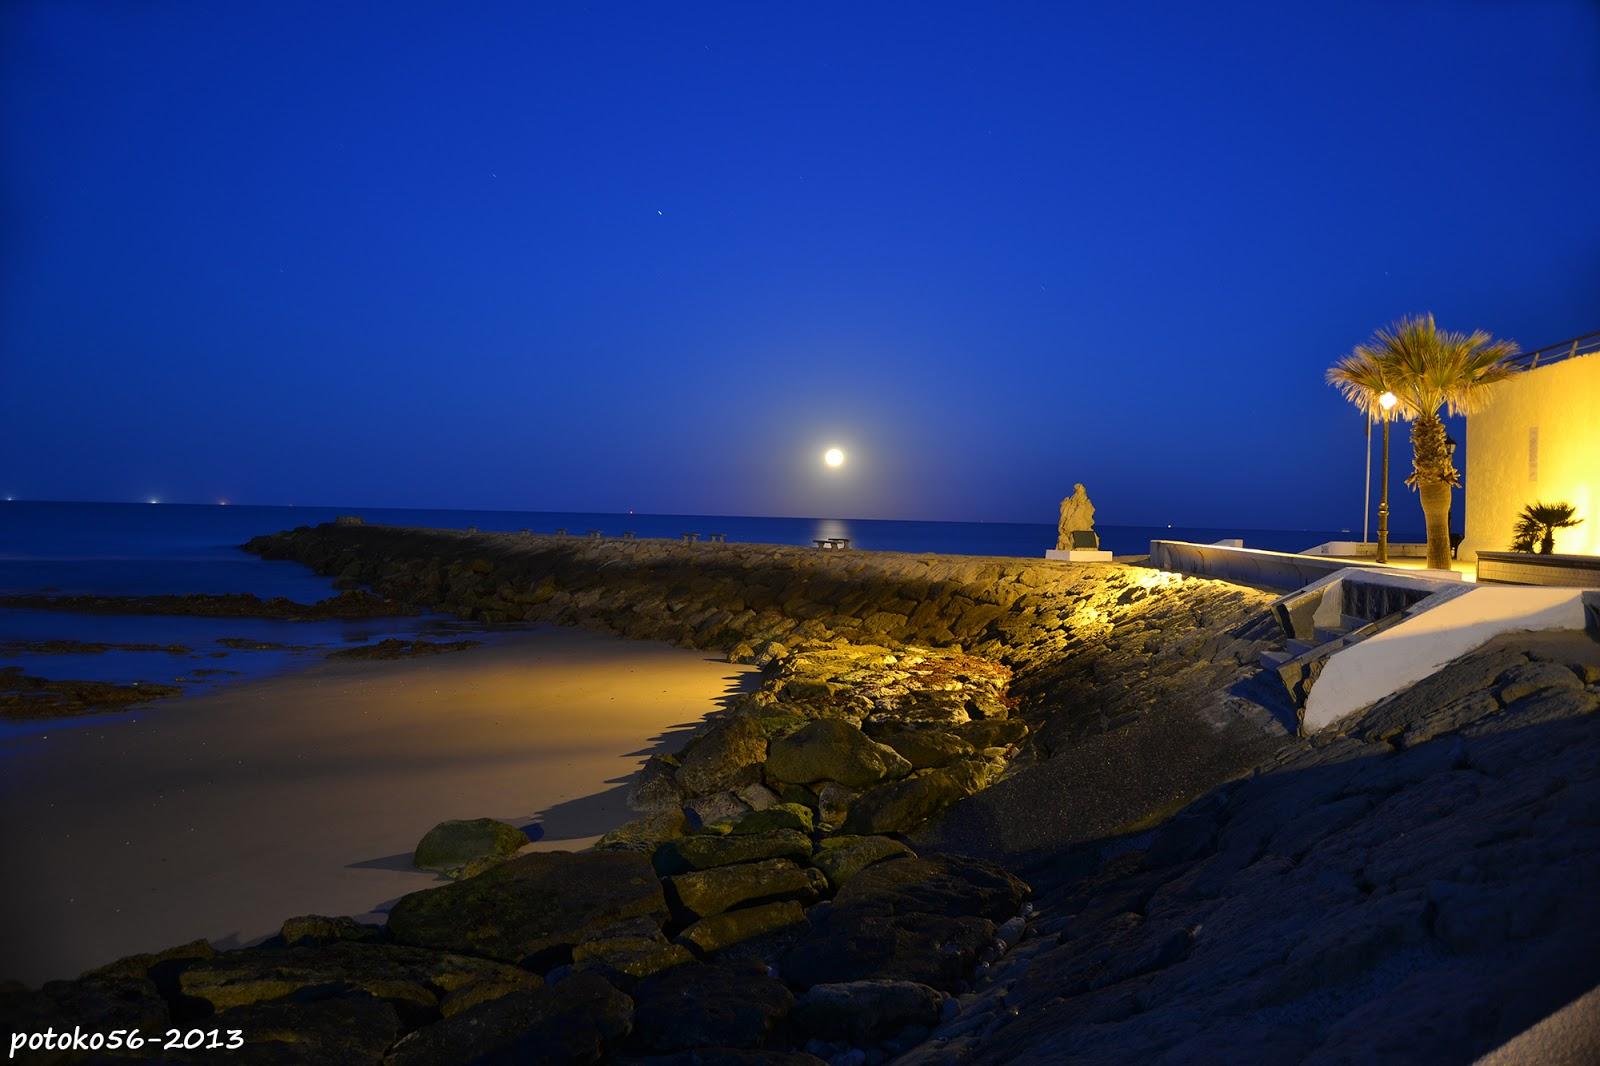 la luna llena sobre el mar y el espigon Rota